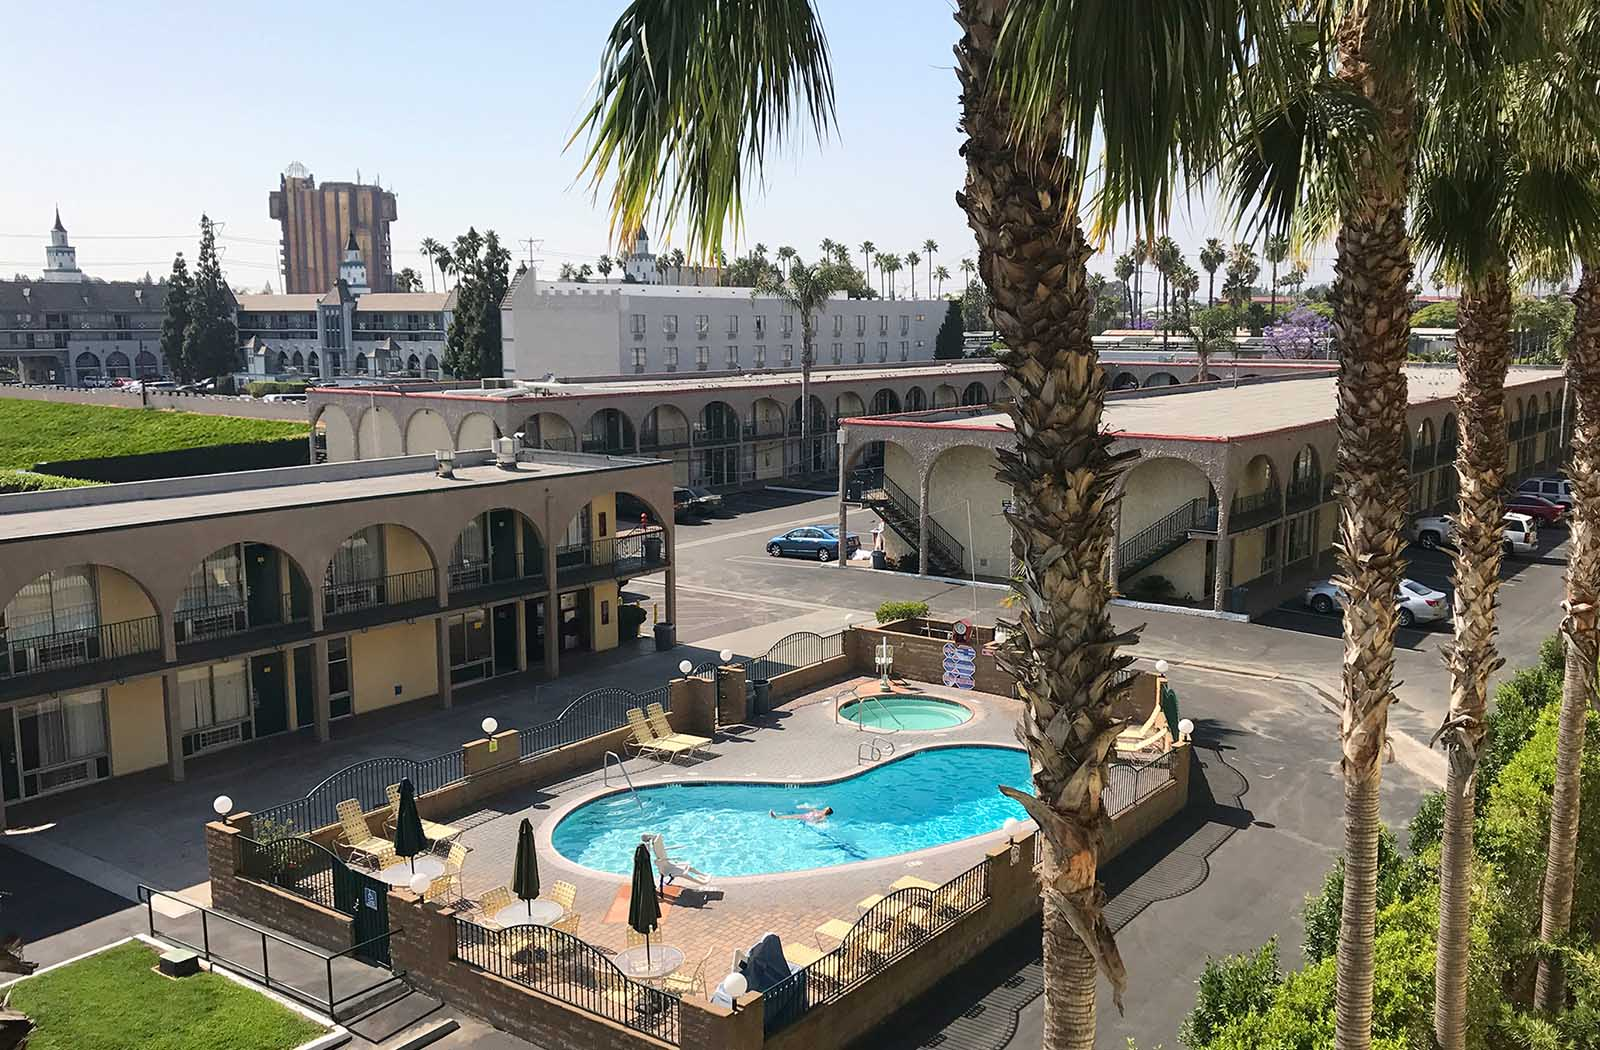 Kings-Inn-Anaheim-formerly-Super-8-Anaheim_0002_KingsInn-Anaheim-PoolAerial--Print.tif